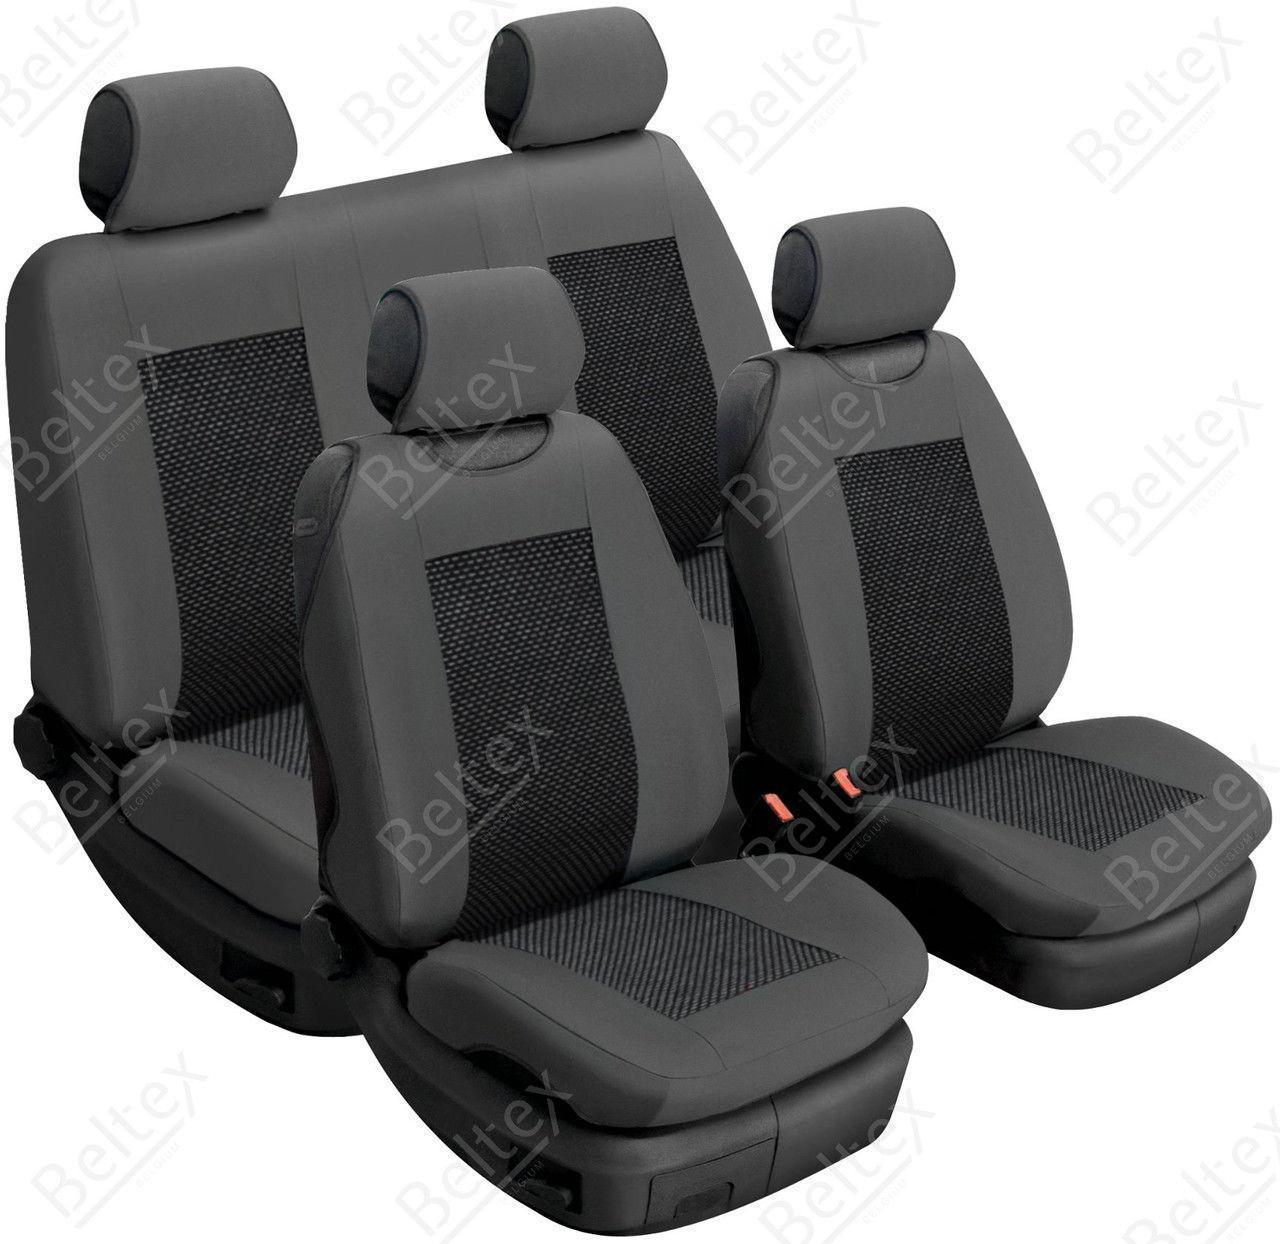 Майки/чехлы на сиденья Пежо 605 (Peugeot 605)